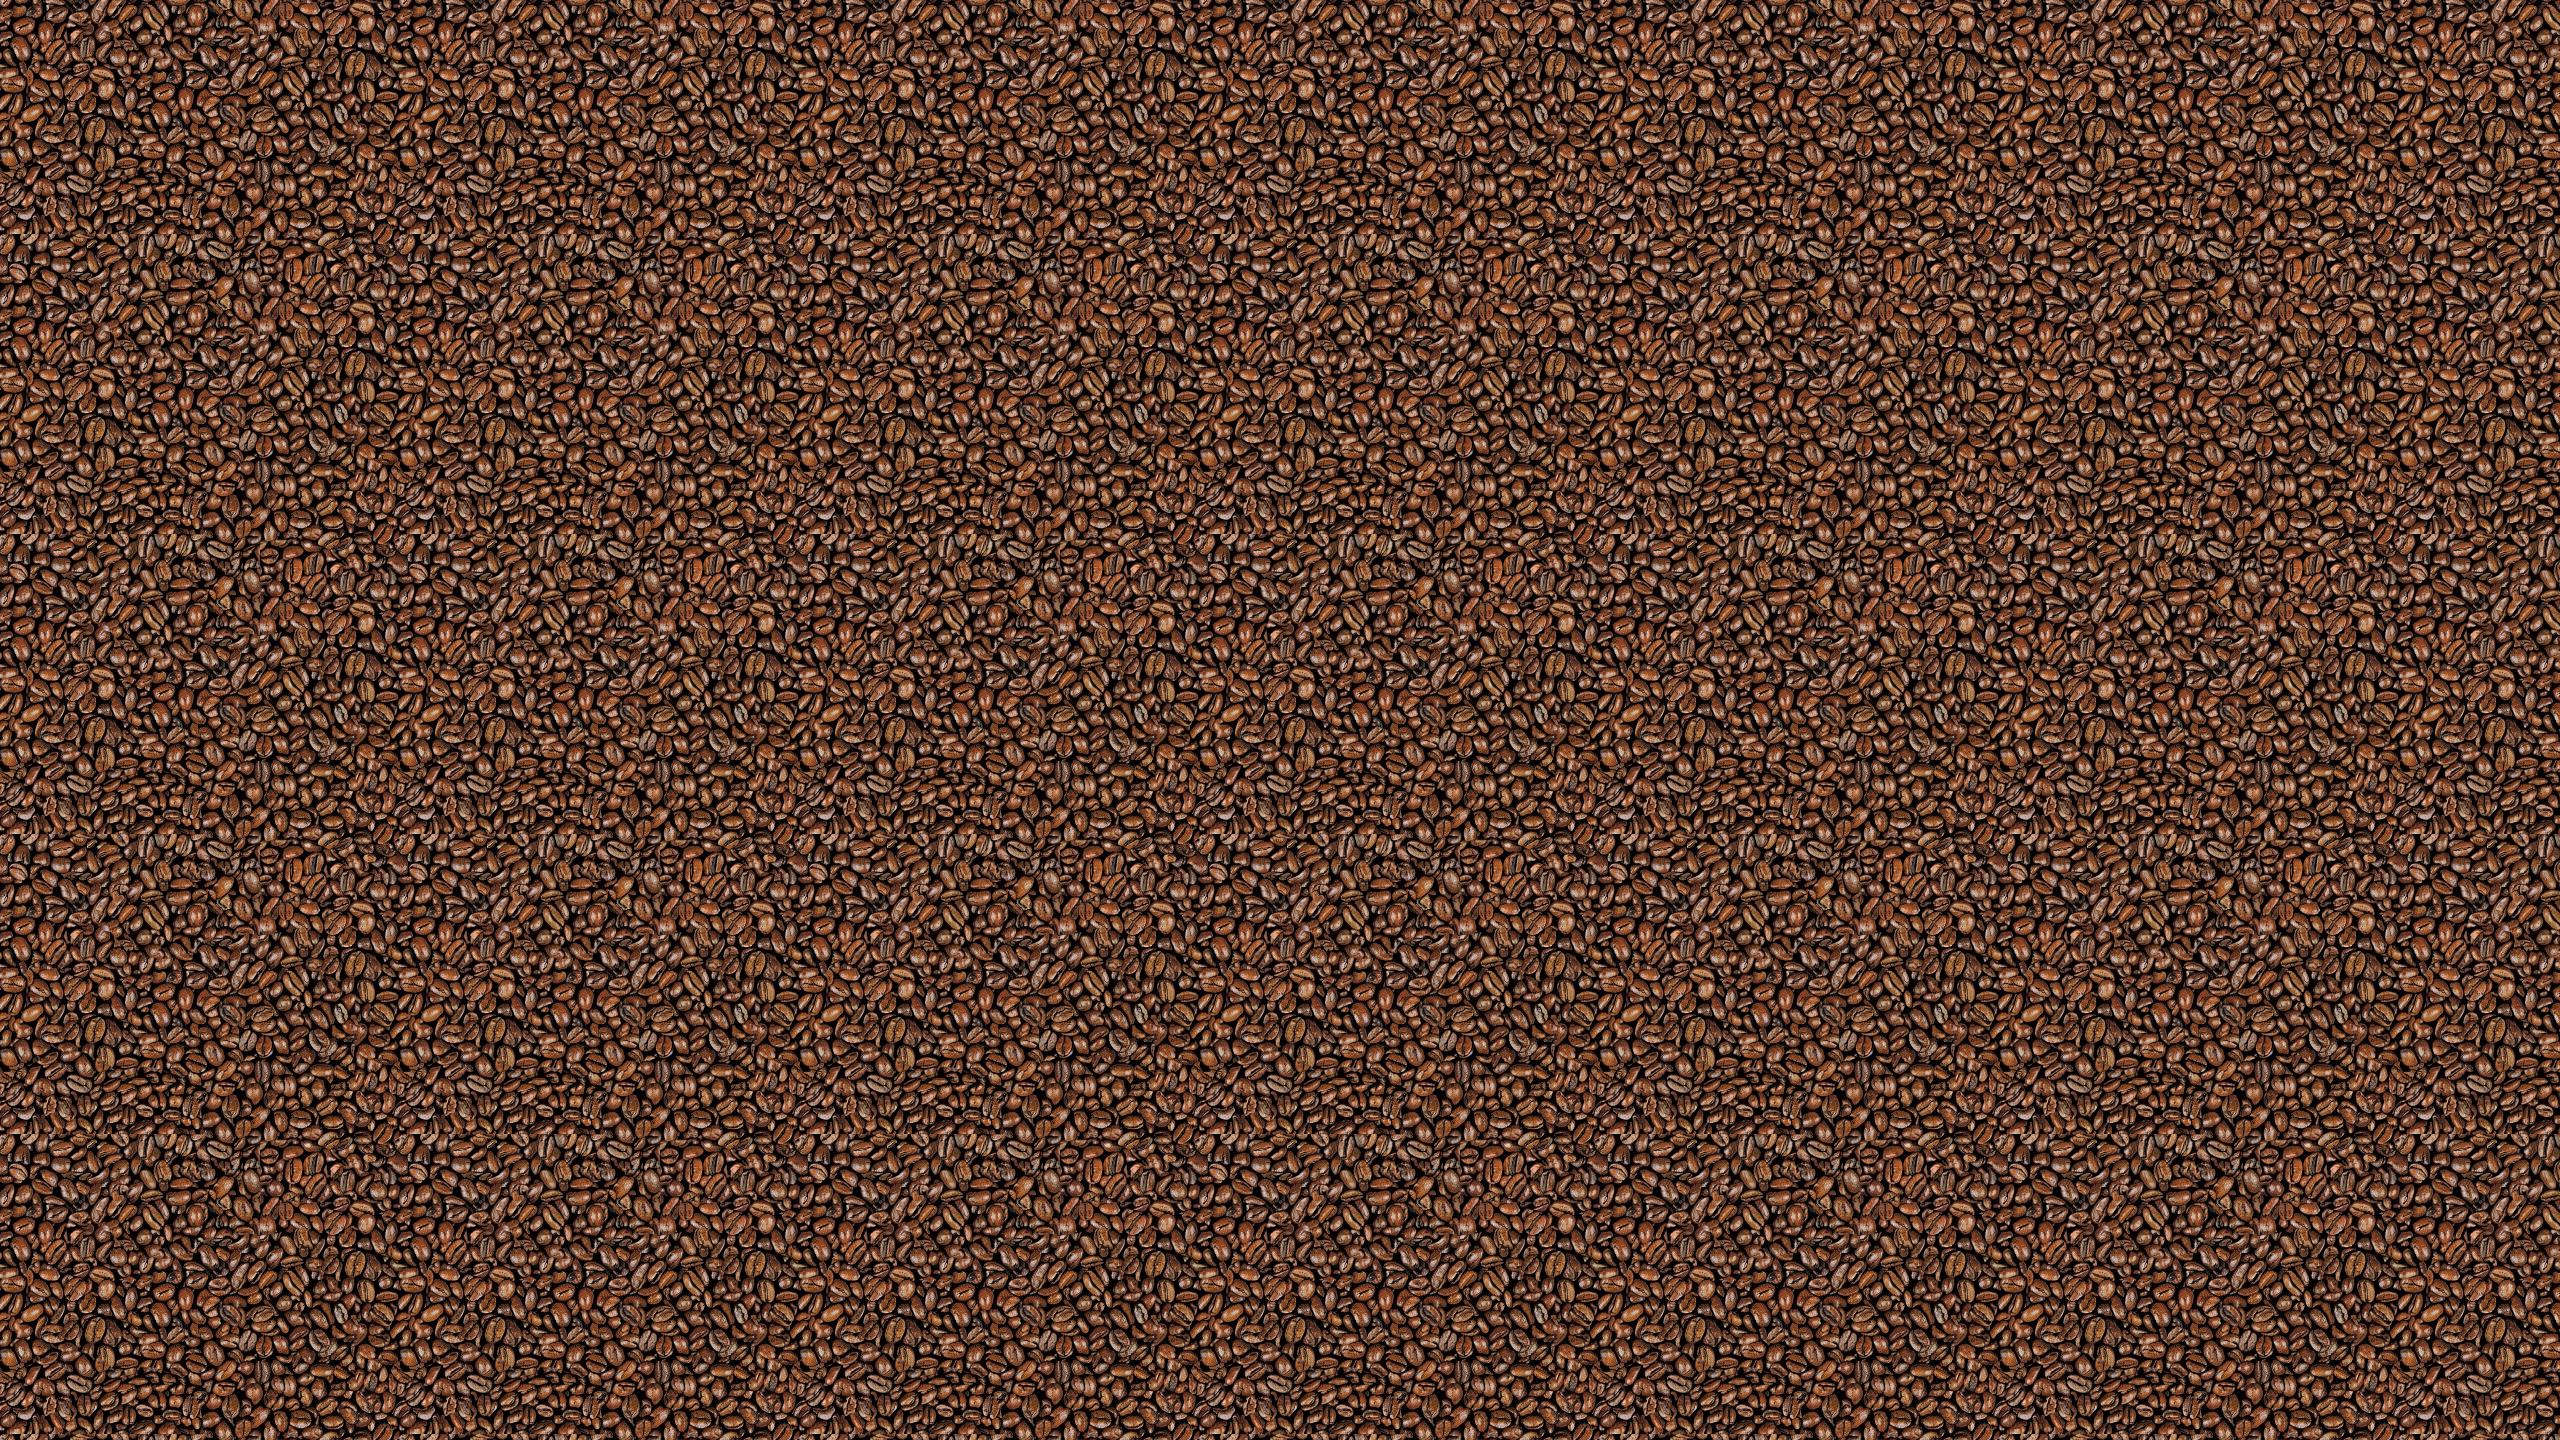 Coffee Wallpapers for Desktop - WallpaperSafari